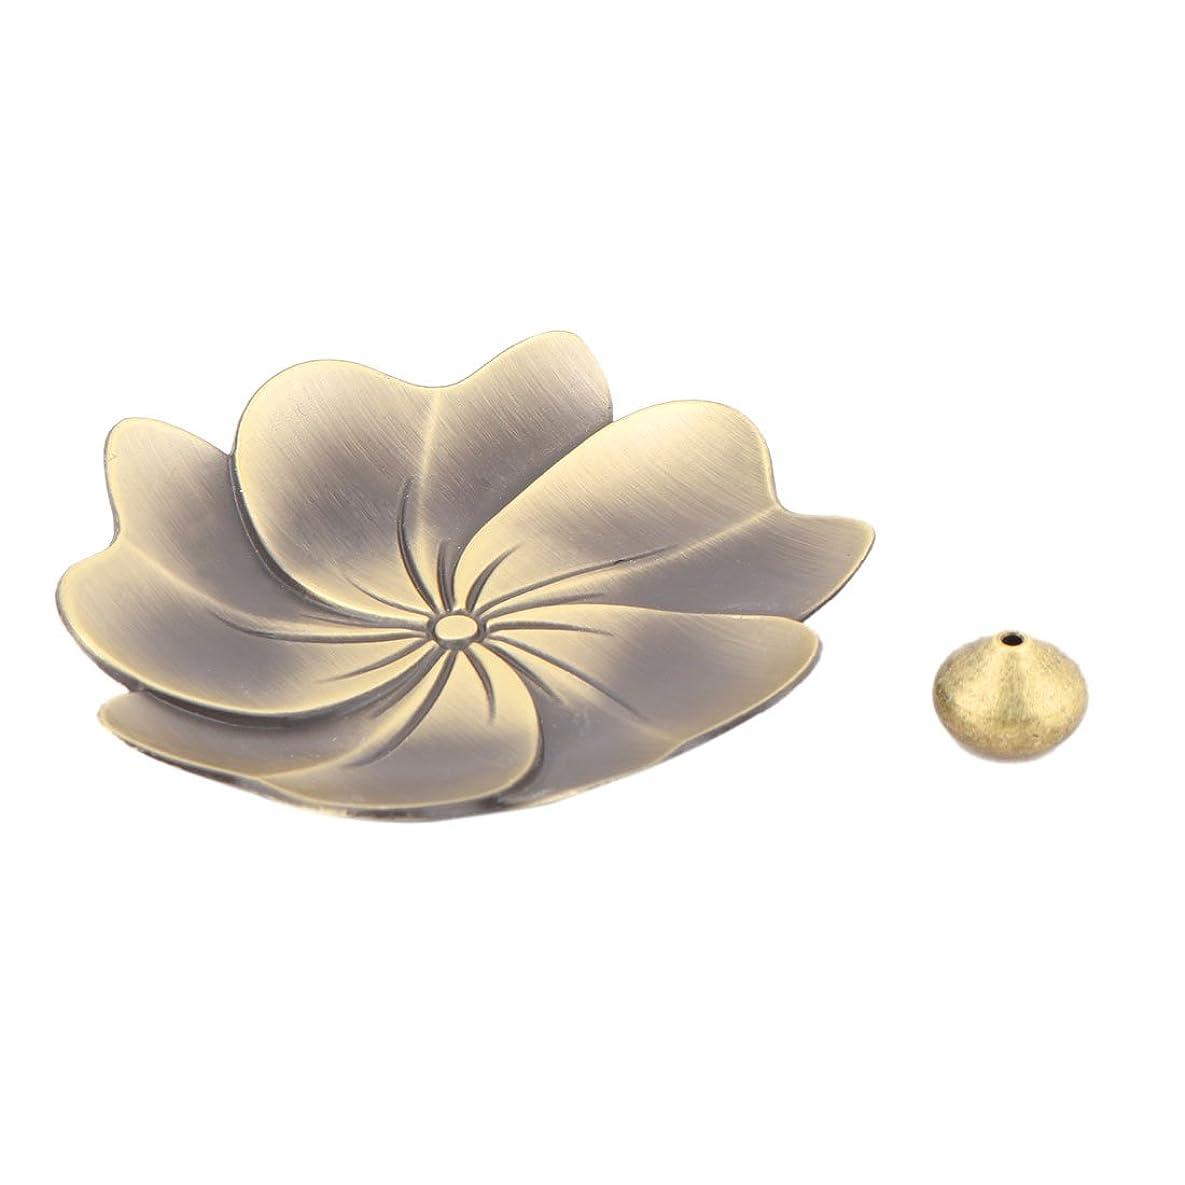 バルク宿現代のuxcell 香炉ホルダー お香立て インセンスホルダー 蓮 ロータス 花型 セット 金属製 家庭用 直径9cm